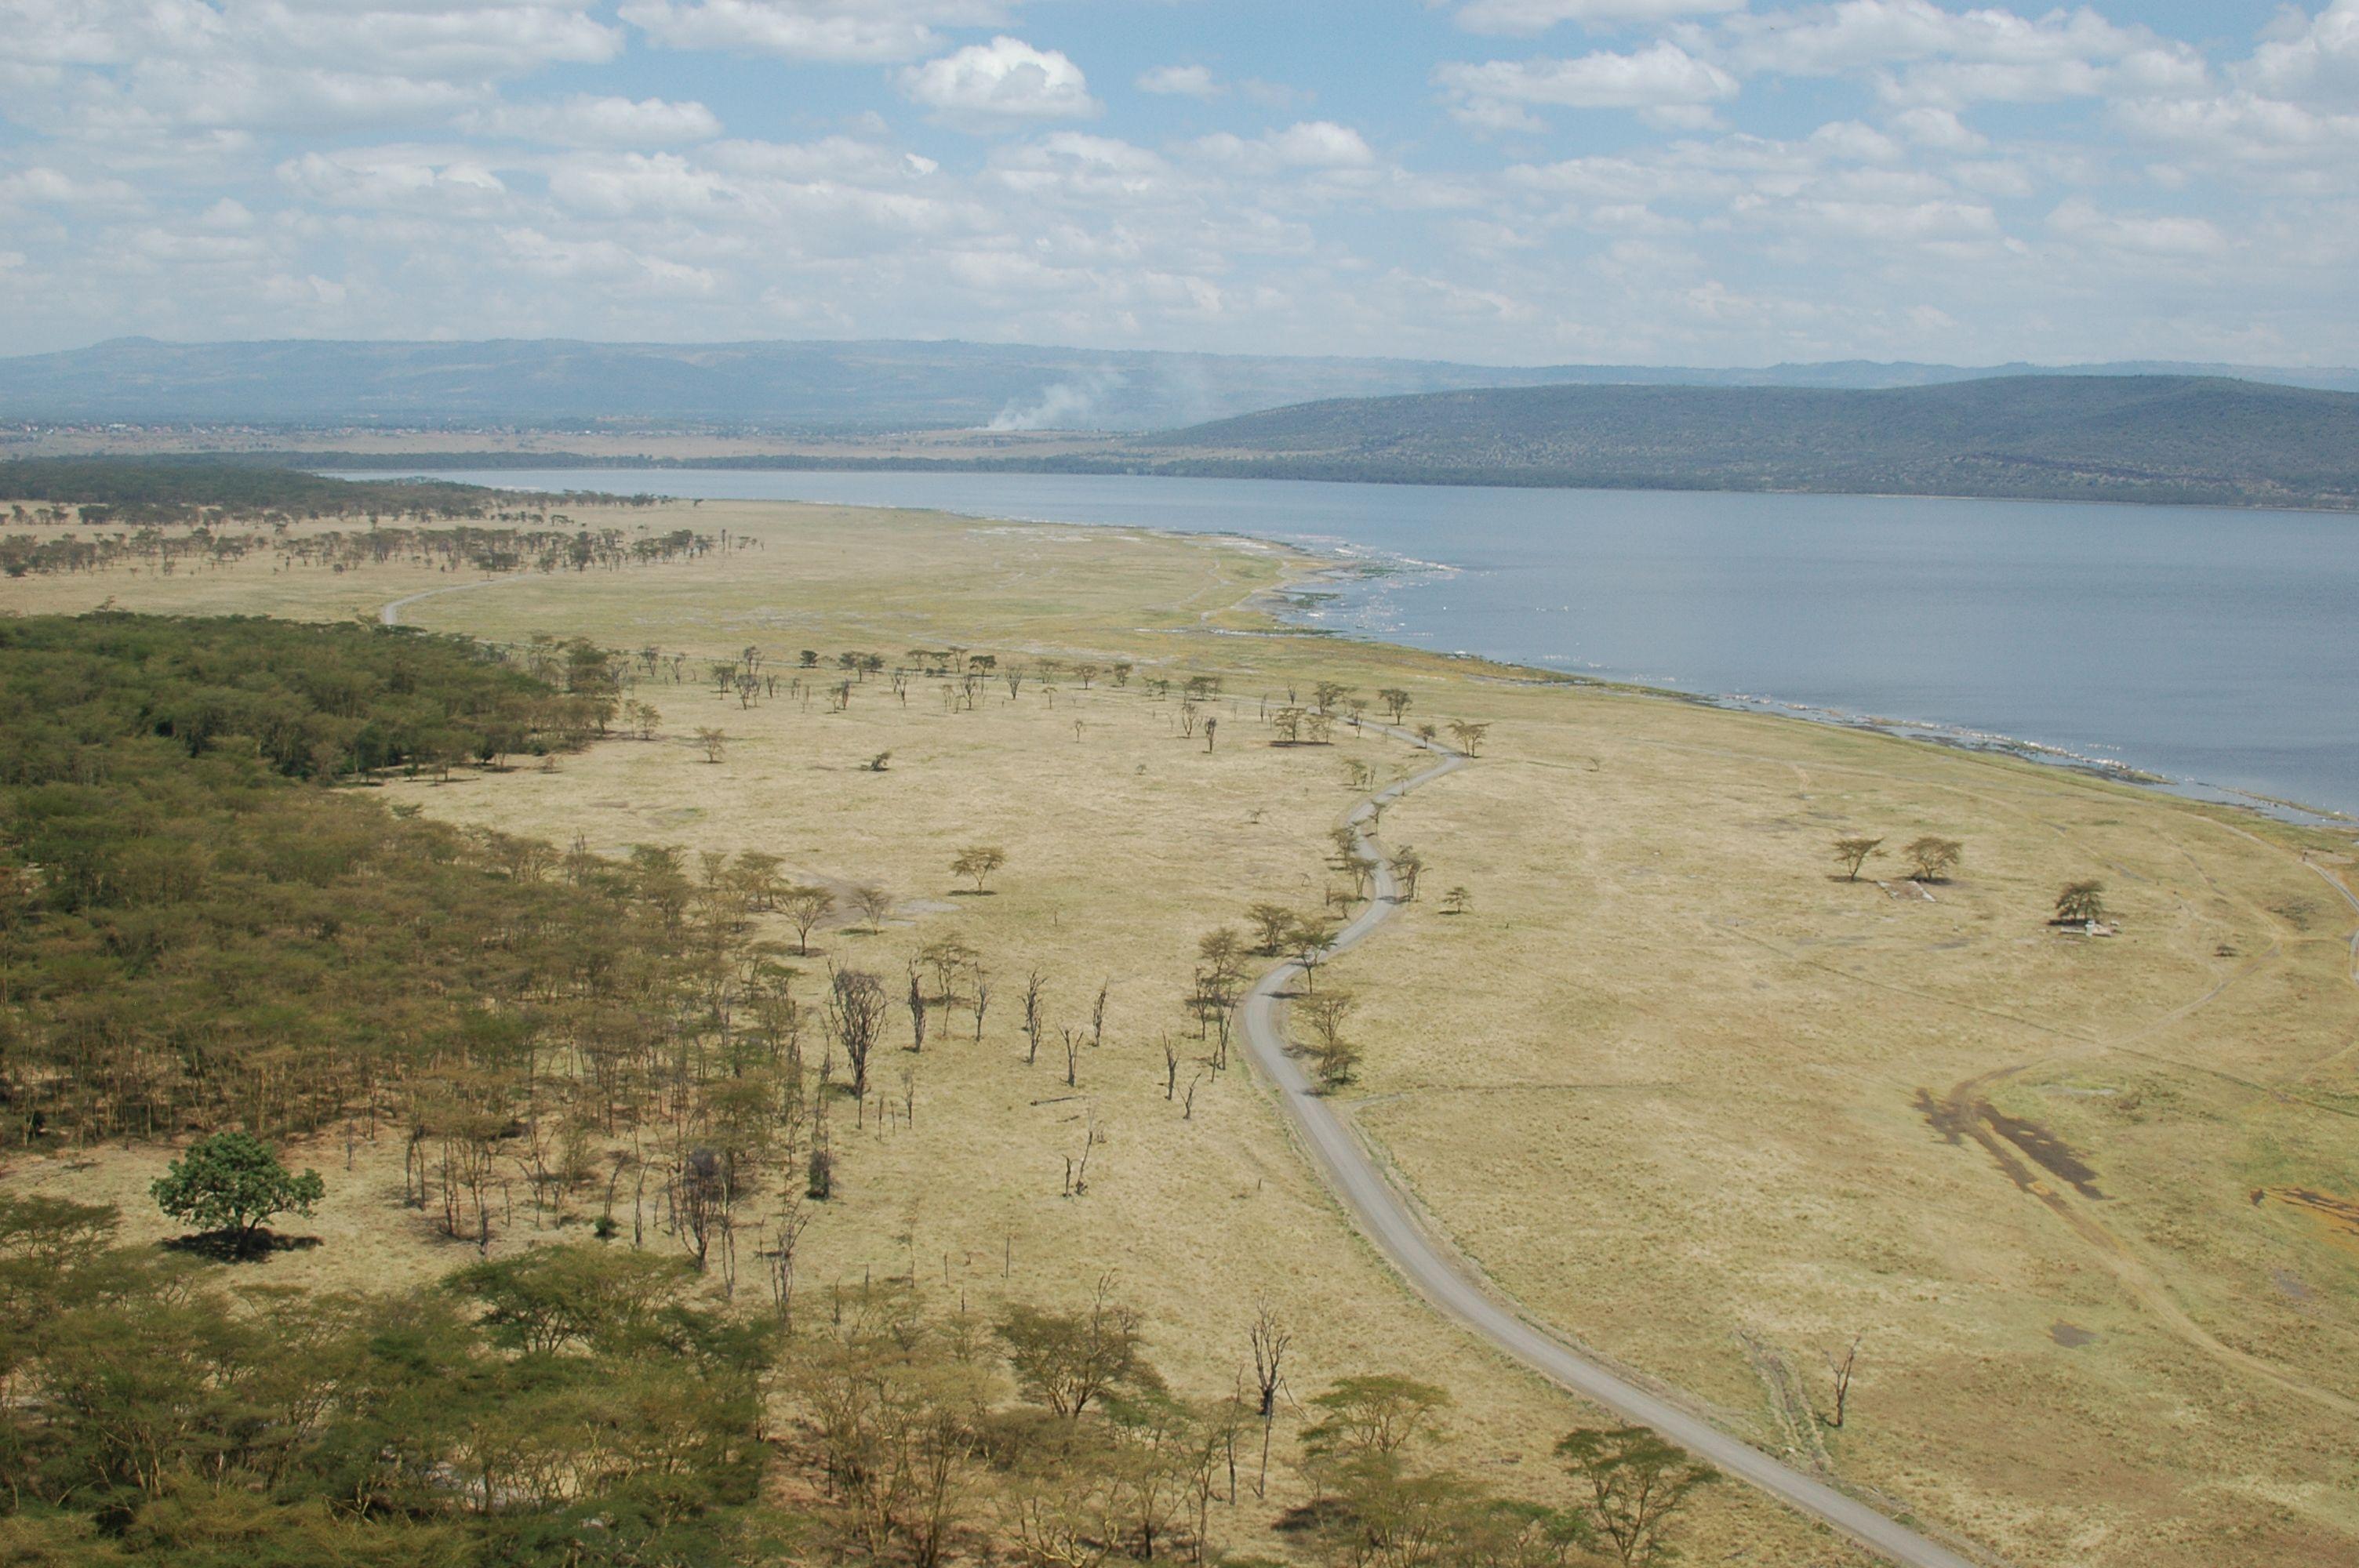 Lac et parc national de Nakuru, Vallée du Rift, Kenya#Tout proche de la quatrième ville du pays, Nakuru, le lac est le plus connu des lacs alcalins du Rift kenyan. Un parc national a été crée tout autour afin de protéger au maximum les rhinocéros noirs, réintroduits il y a peu. De nombreux animaux évoluent autour du lac : zèbres, babouins, autruches, chacals, et même des girafes de Rotchschild. #http://urlz.fr/3hnc#warnercnr.colostate.edu